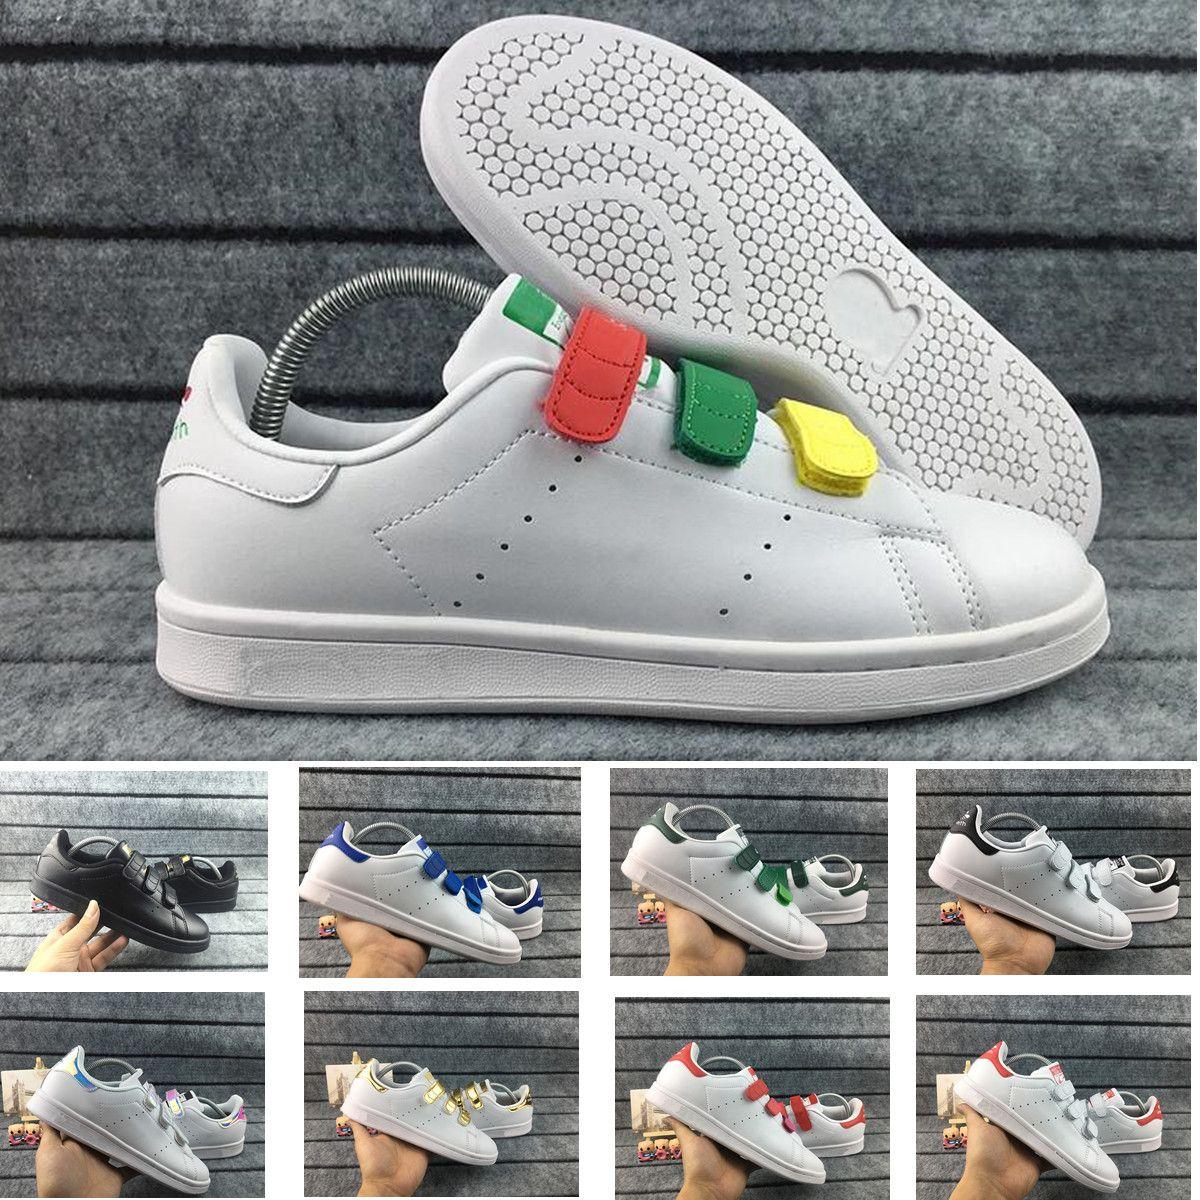 7ed33adc Compre 2018 Lovers Stan Smith Hombre Mujer Zapatos Zapatos Clásicos Alta  Calidad HOOk LOOP Hebilla Scarpe Semáforo Rosa Casual Cuero Zapatillas  Deportivas A ...